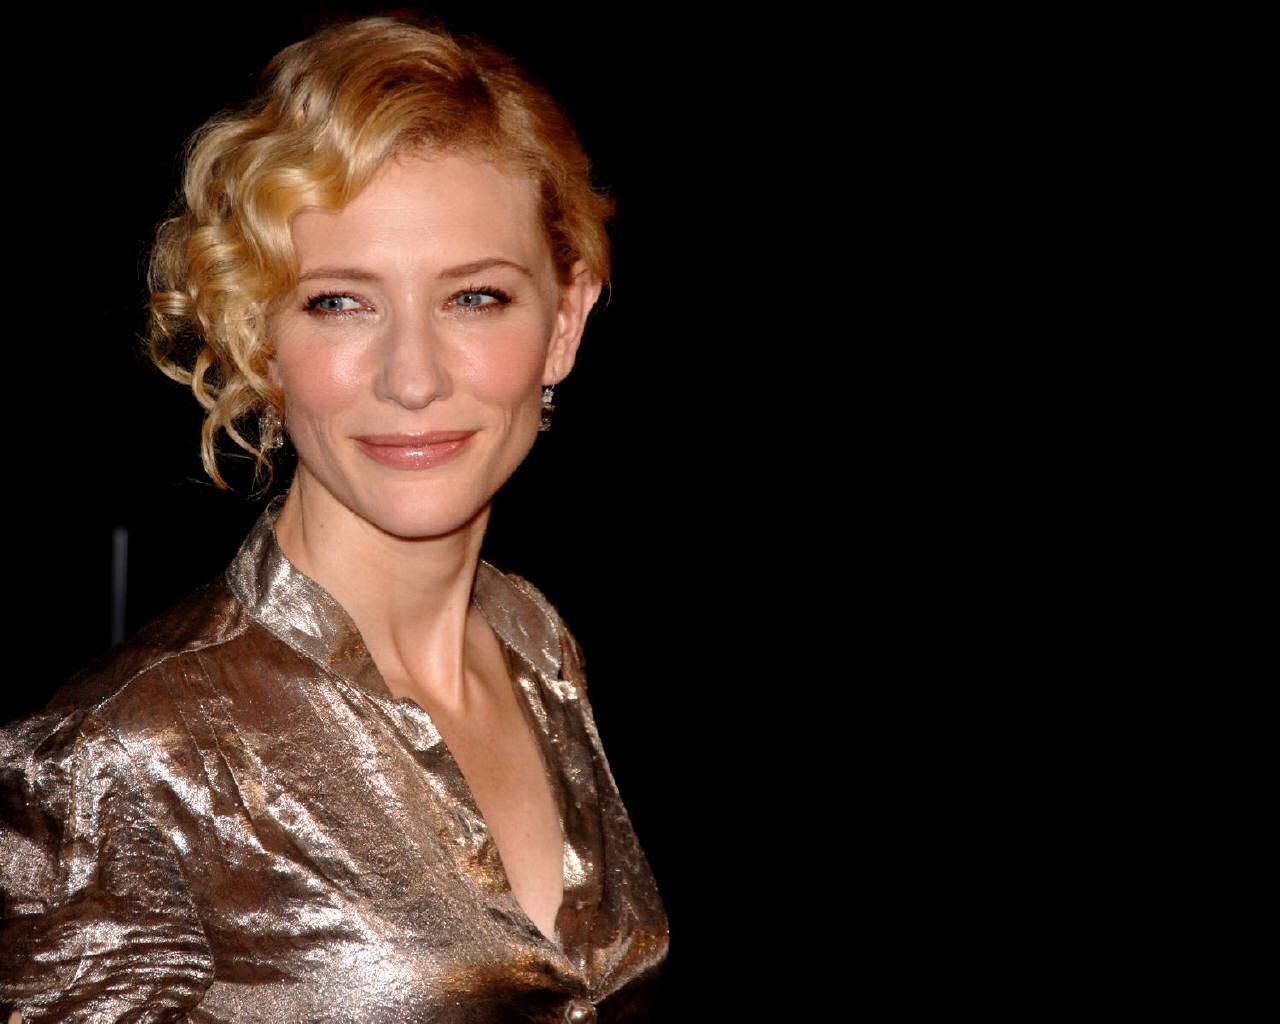 Cate Blanchett cate blanchett